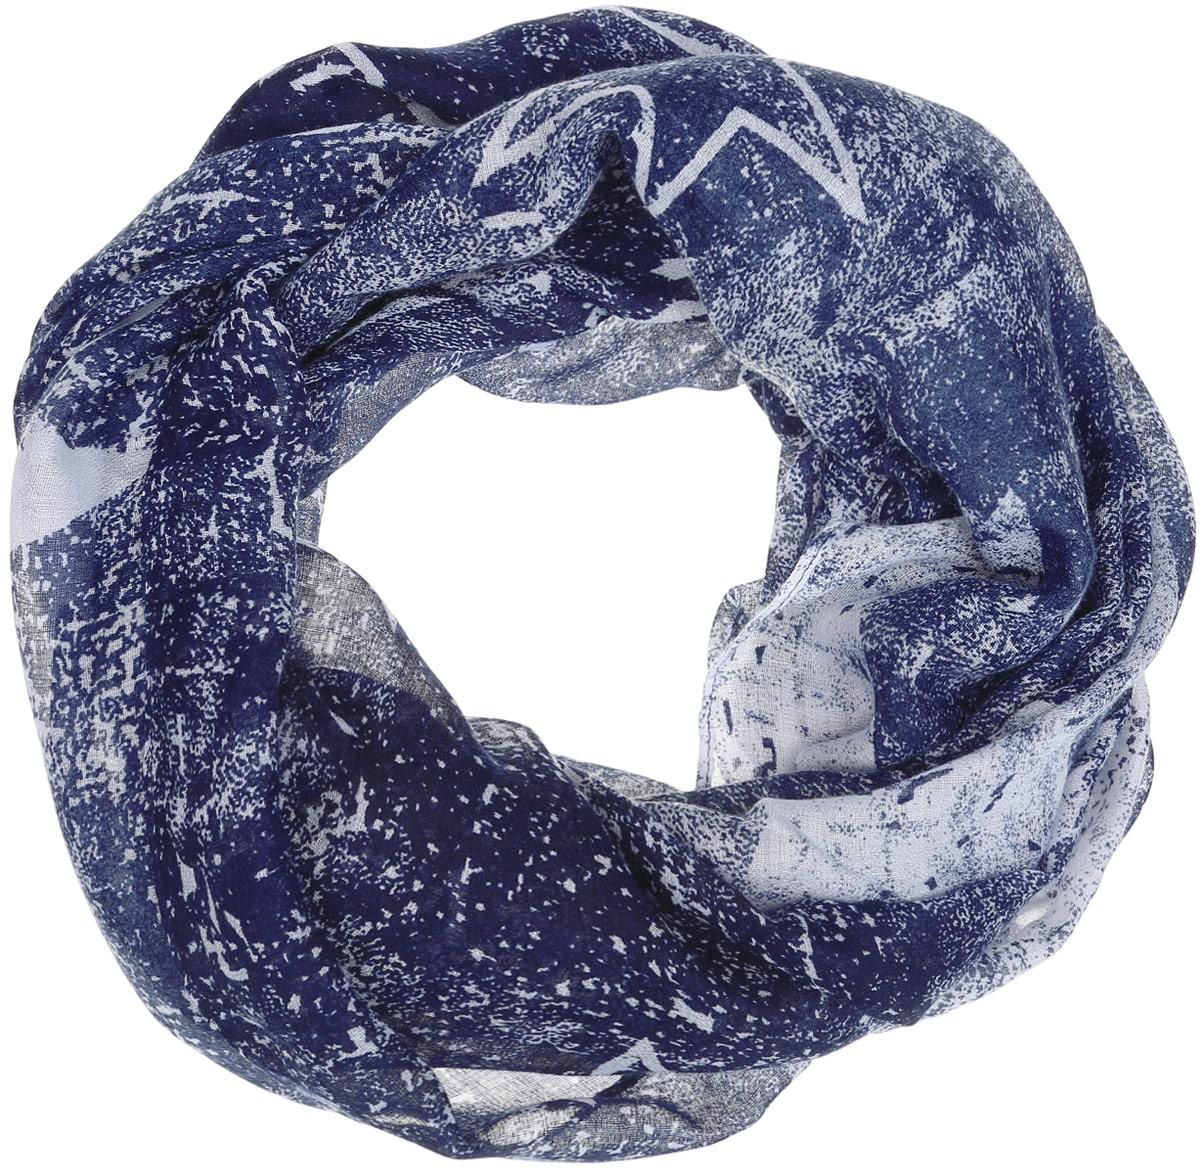 Палантин женский Labbra, цвет: синий, белый. LBL27-272. Размер 70 см х 186 смLBL27-272Элегантный палантин Labbra станет достойным завершением вашего образа.Палантин изготовлен из вискозы. Модель оформлена оригинальным принтом в виде звездного неба. Палантин красиво драпируется, он превосходно дополнит любой наряд и подчеркнет ваш изысканный вкус.Легкий и изящный палантин привнесет в ваш образ утонченность и шарм.